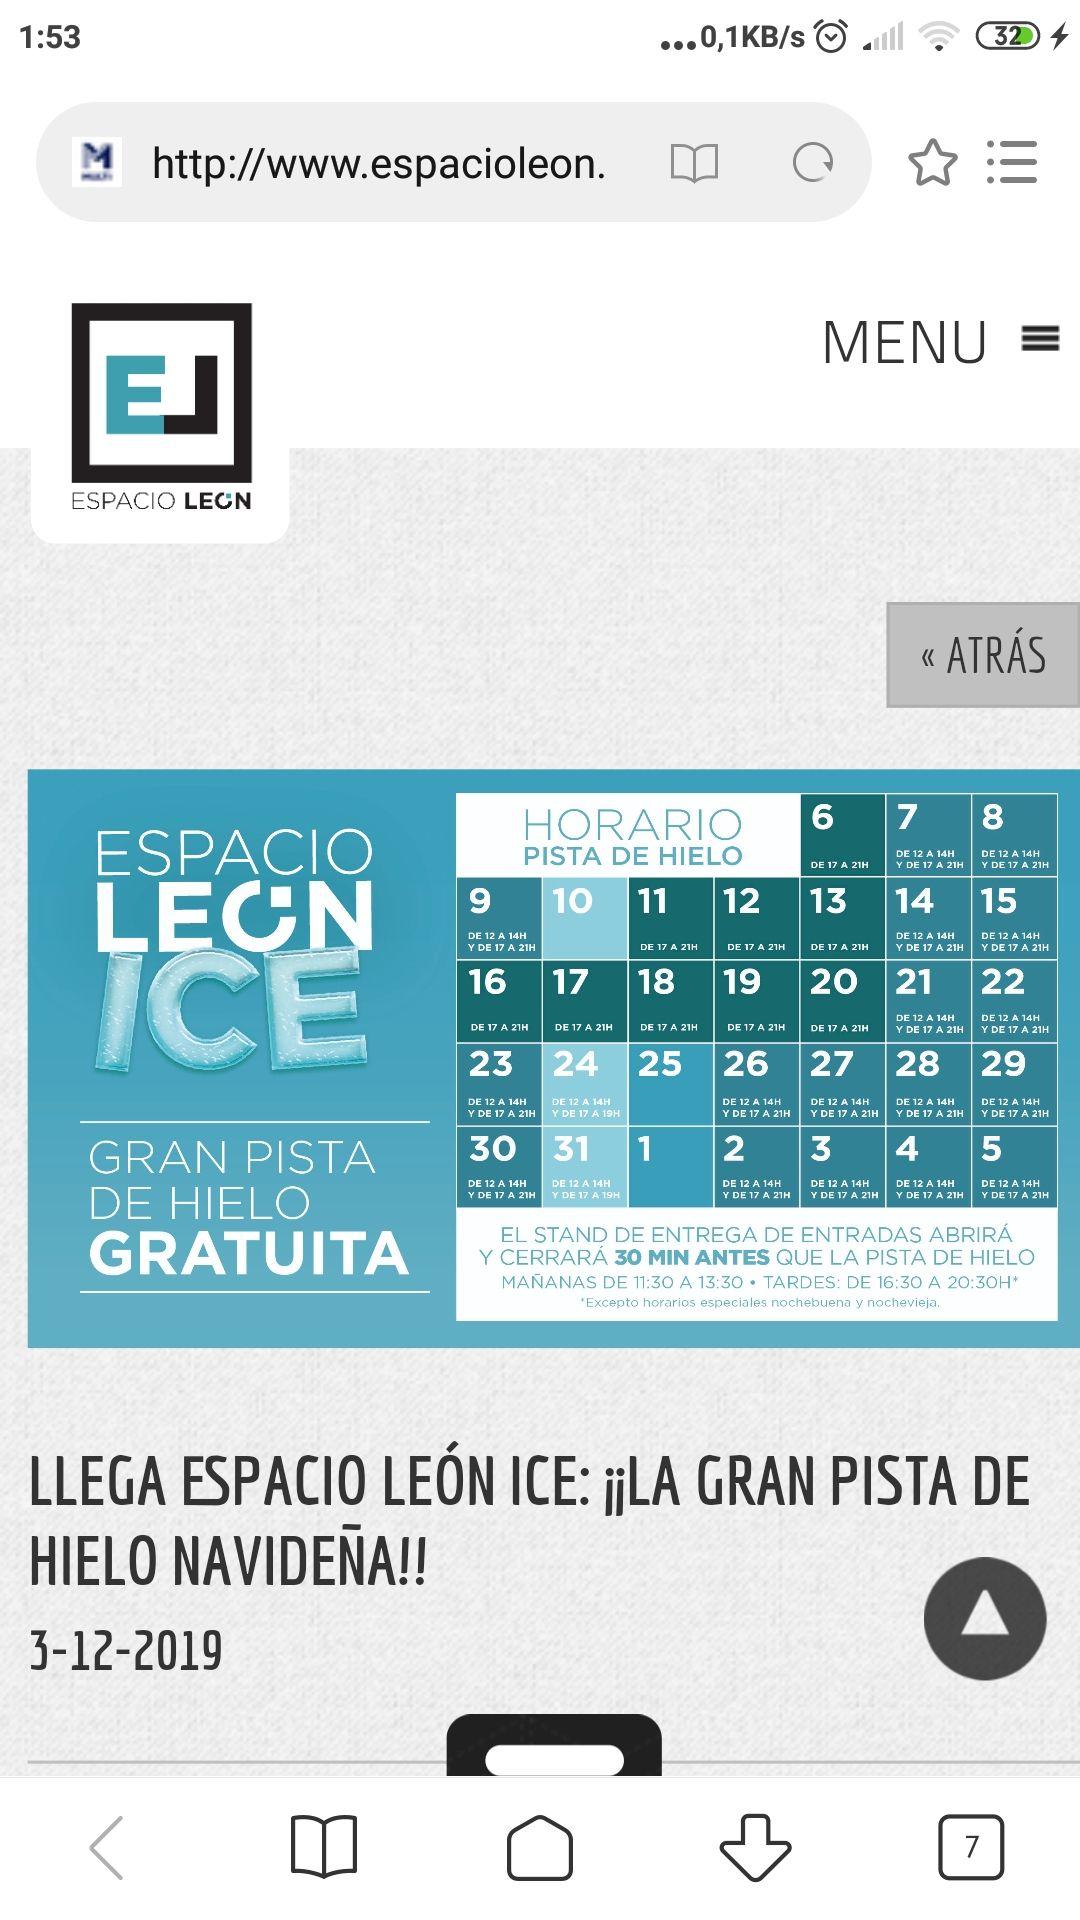 LLEGA ESPACIO LEÓN ICE: ¡¡LA GRAN PISTA DE HIELO NAVIDEÑA